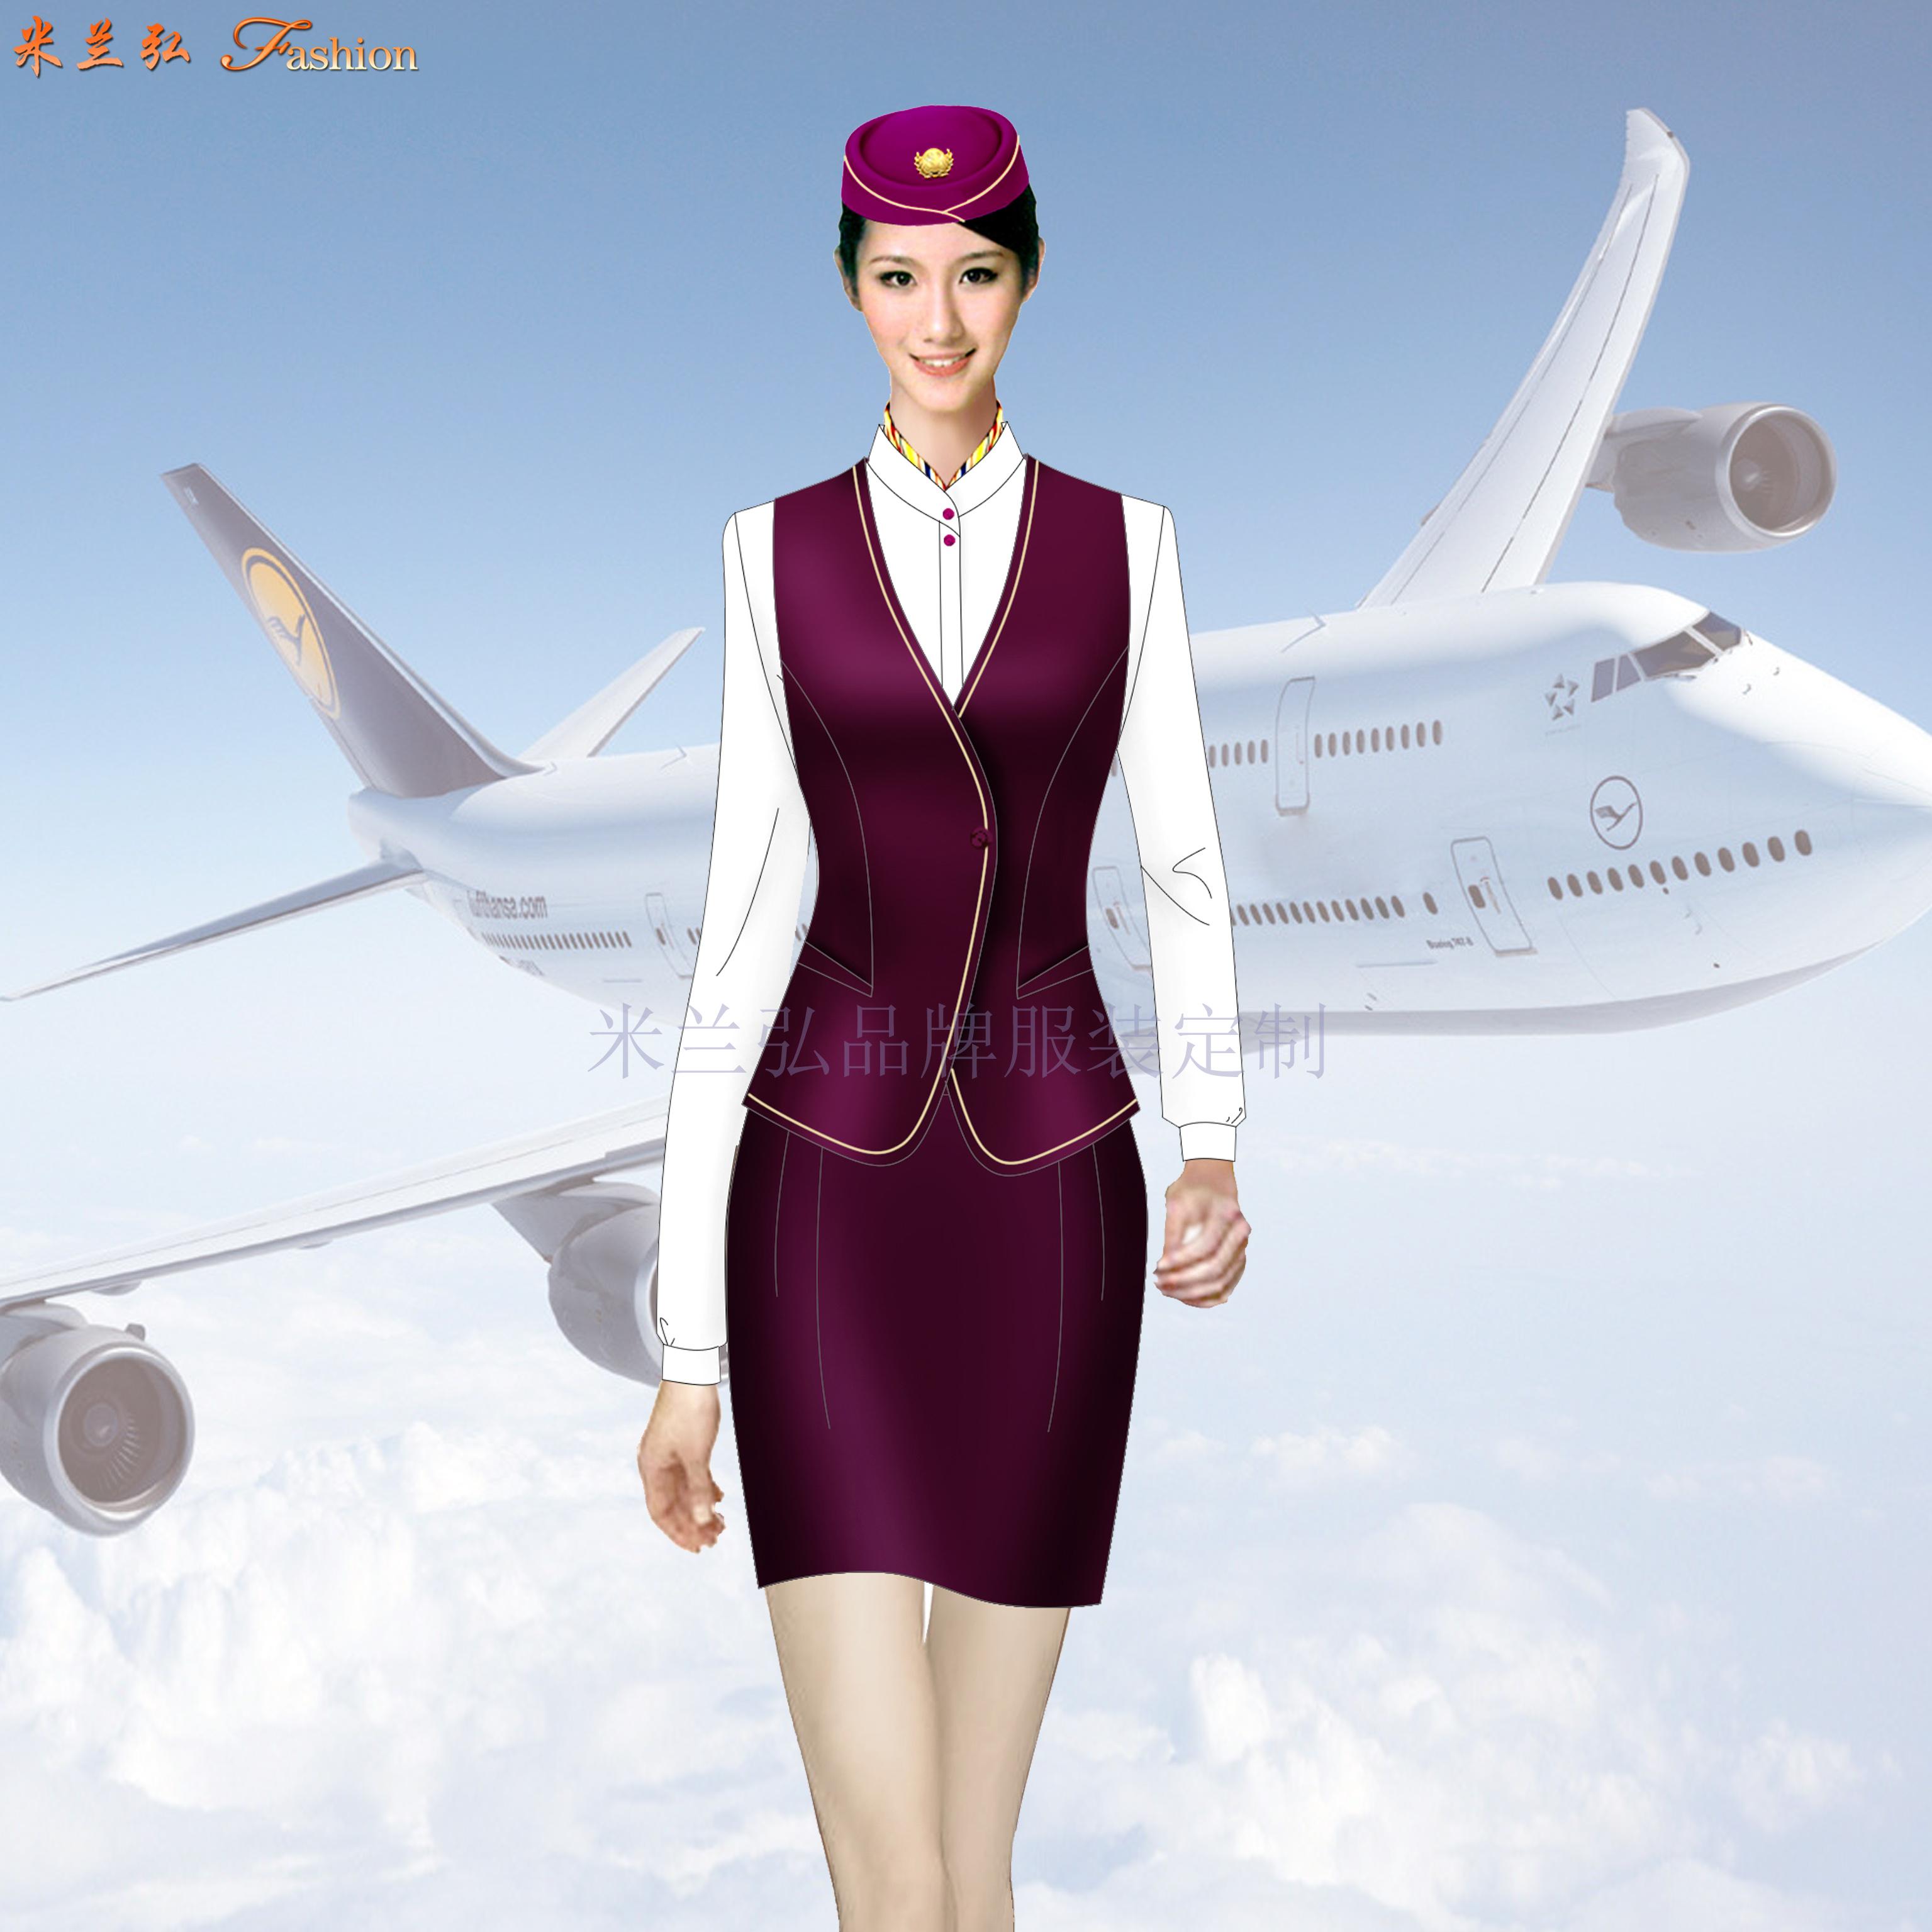 「夏季空姐服」批發定做空姐服夏季短袖套裝廠家-米蘭弘服裝-1